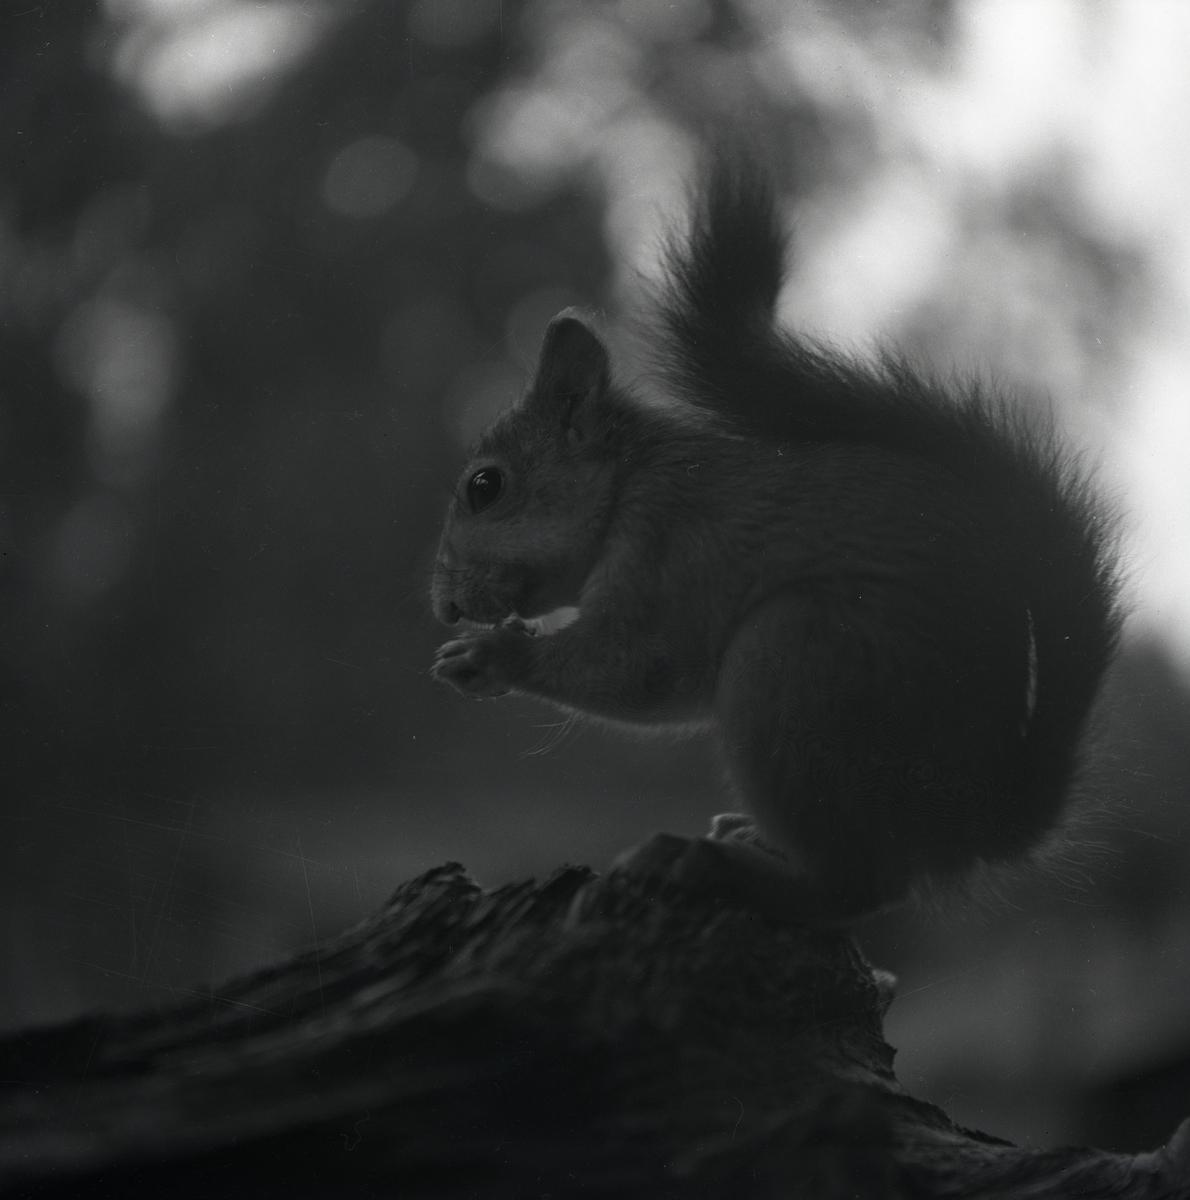 En ekorre sitter på en träbit och äter något, 13 augusti 1952.